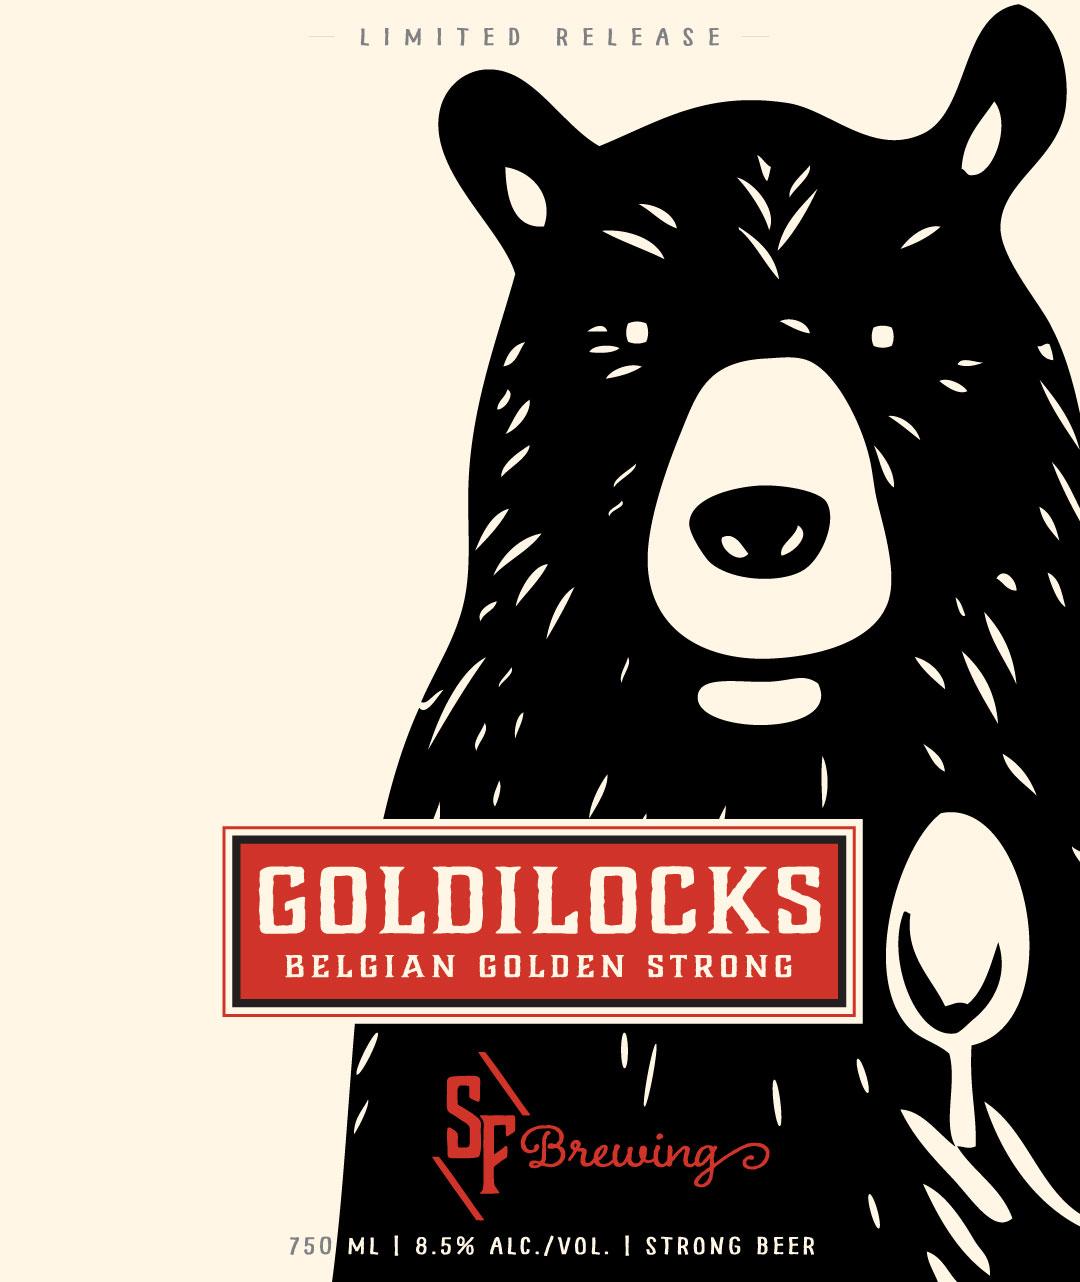 GOLDILOCKS – BELGIAN GOLDEN STRONG